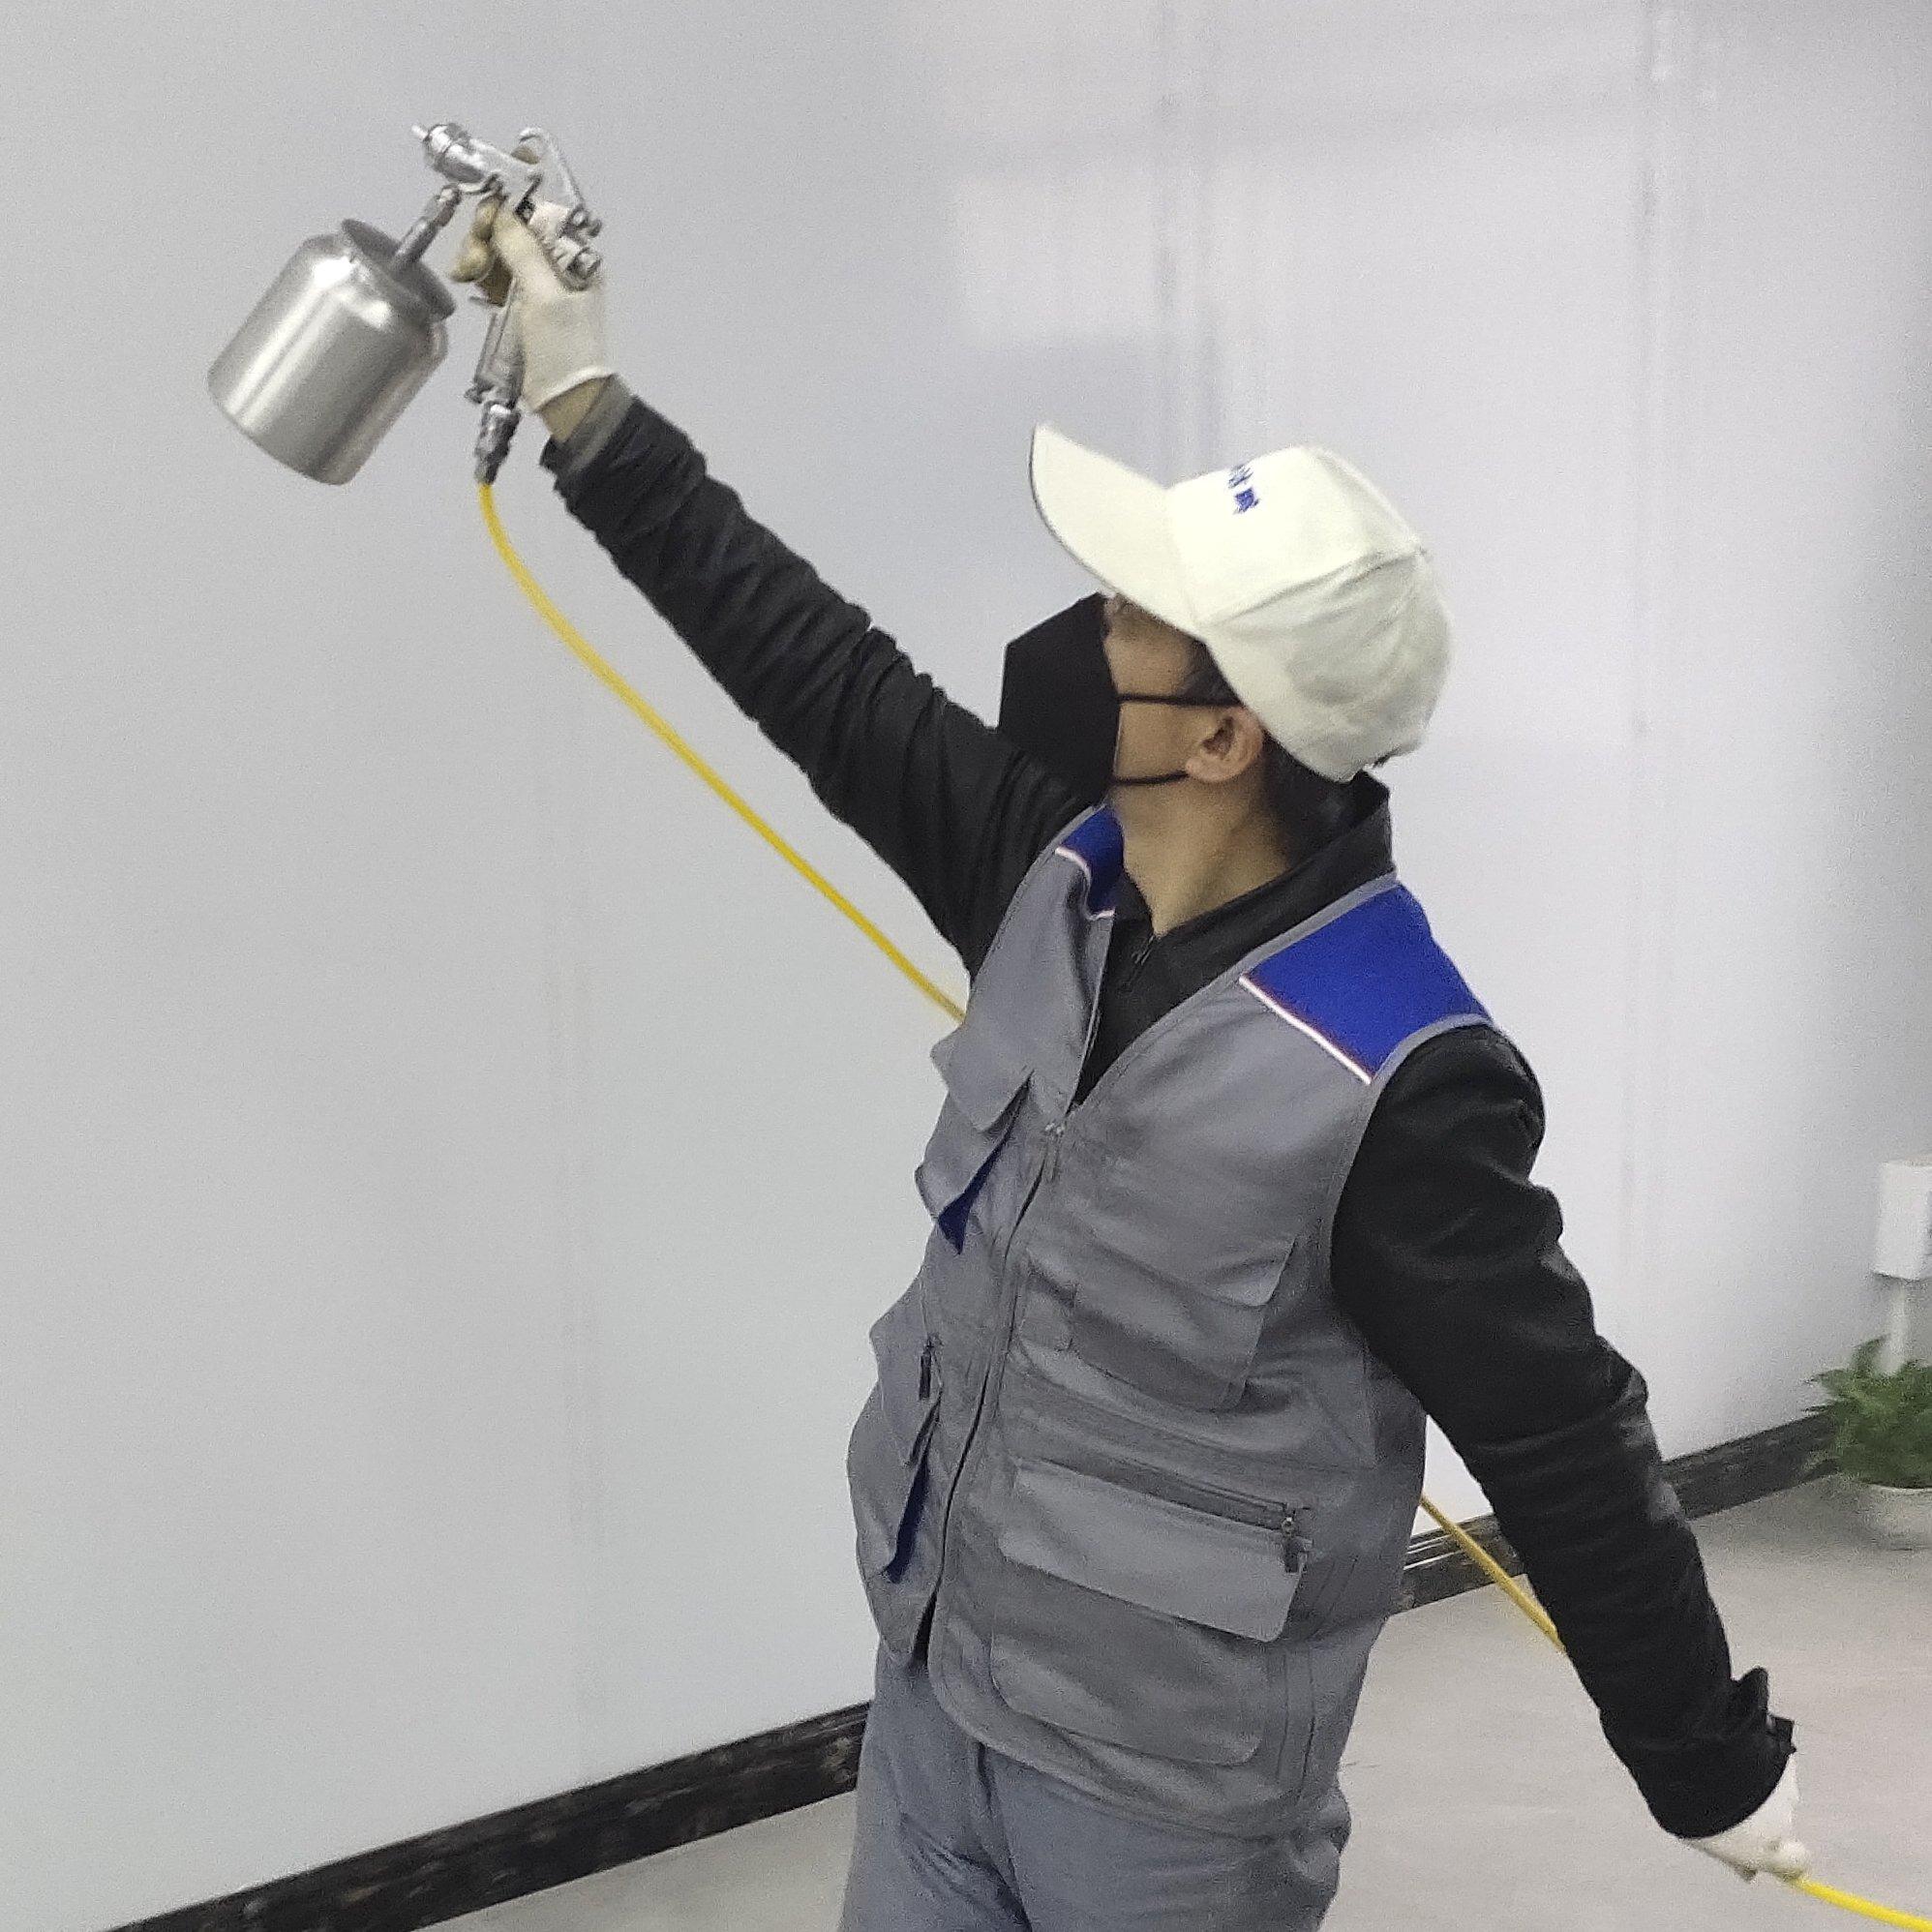 南昌甲醛检测中心 南昌甲醛检测公司 提供CMA检测报告